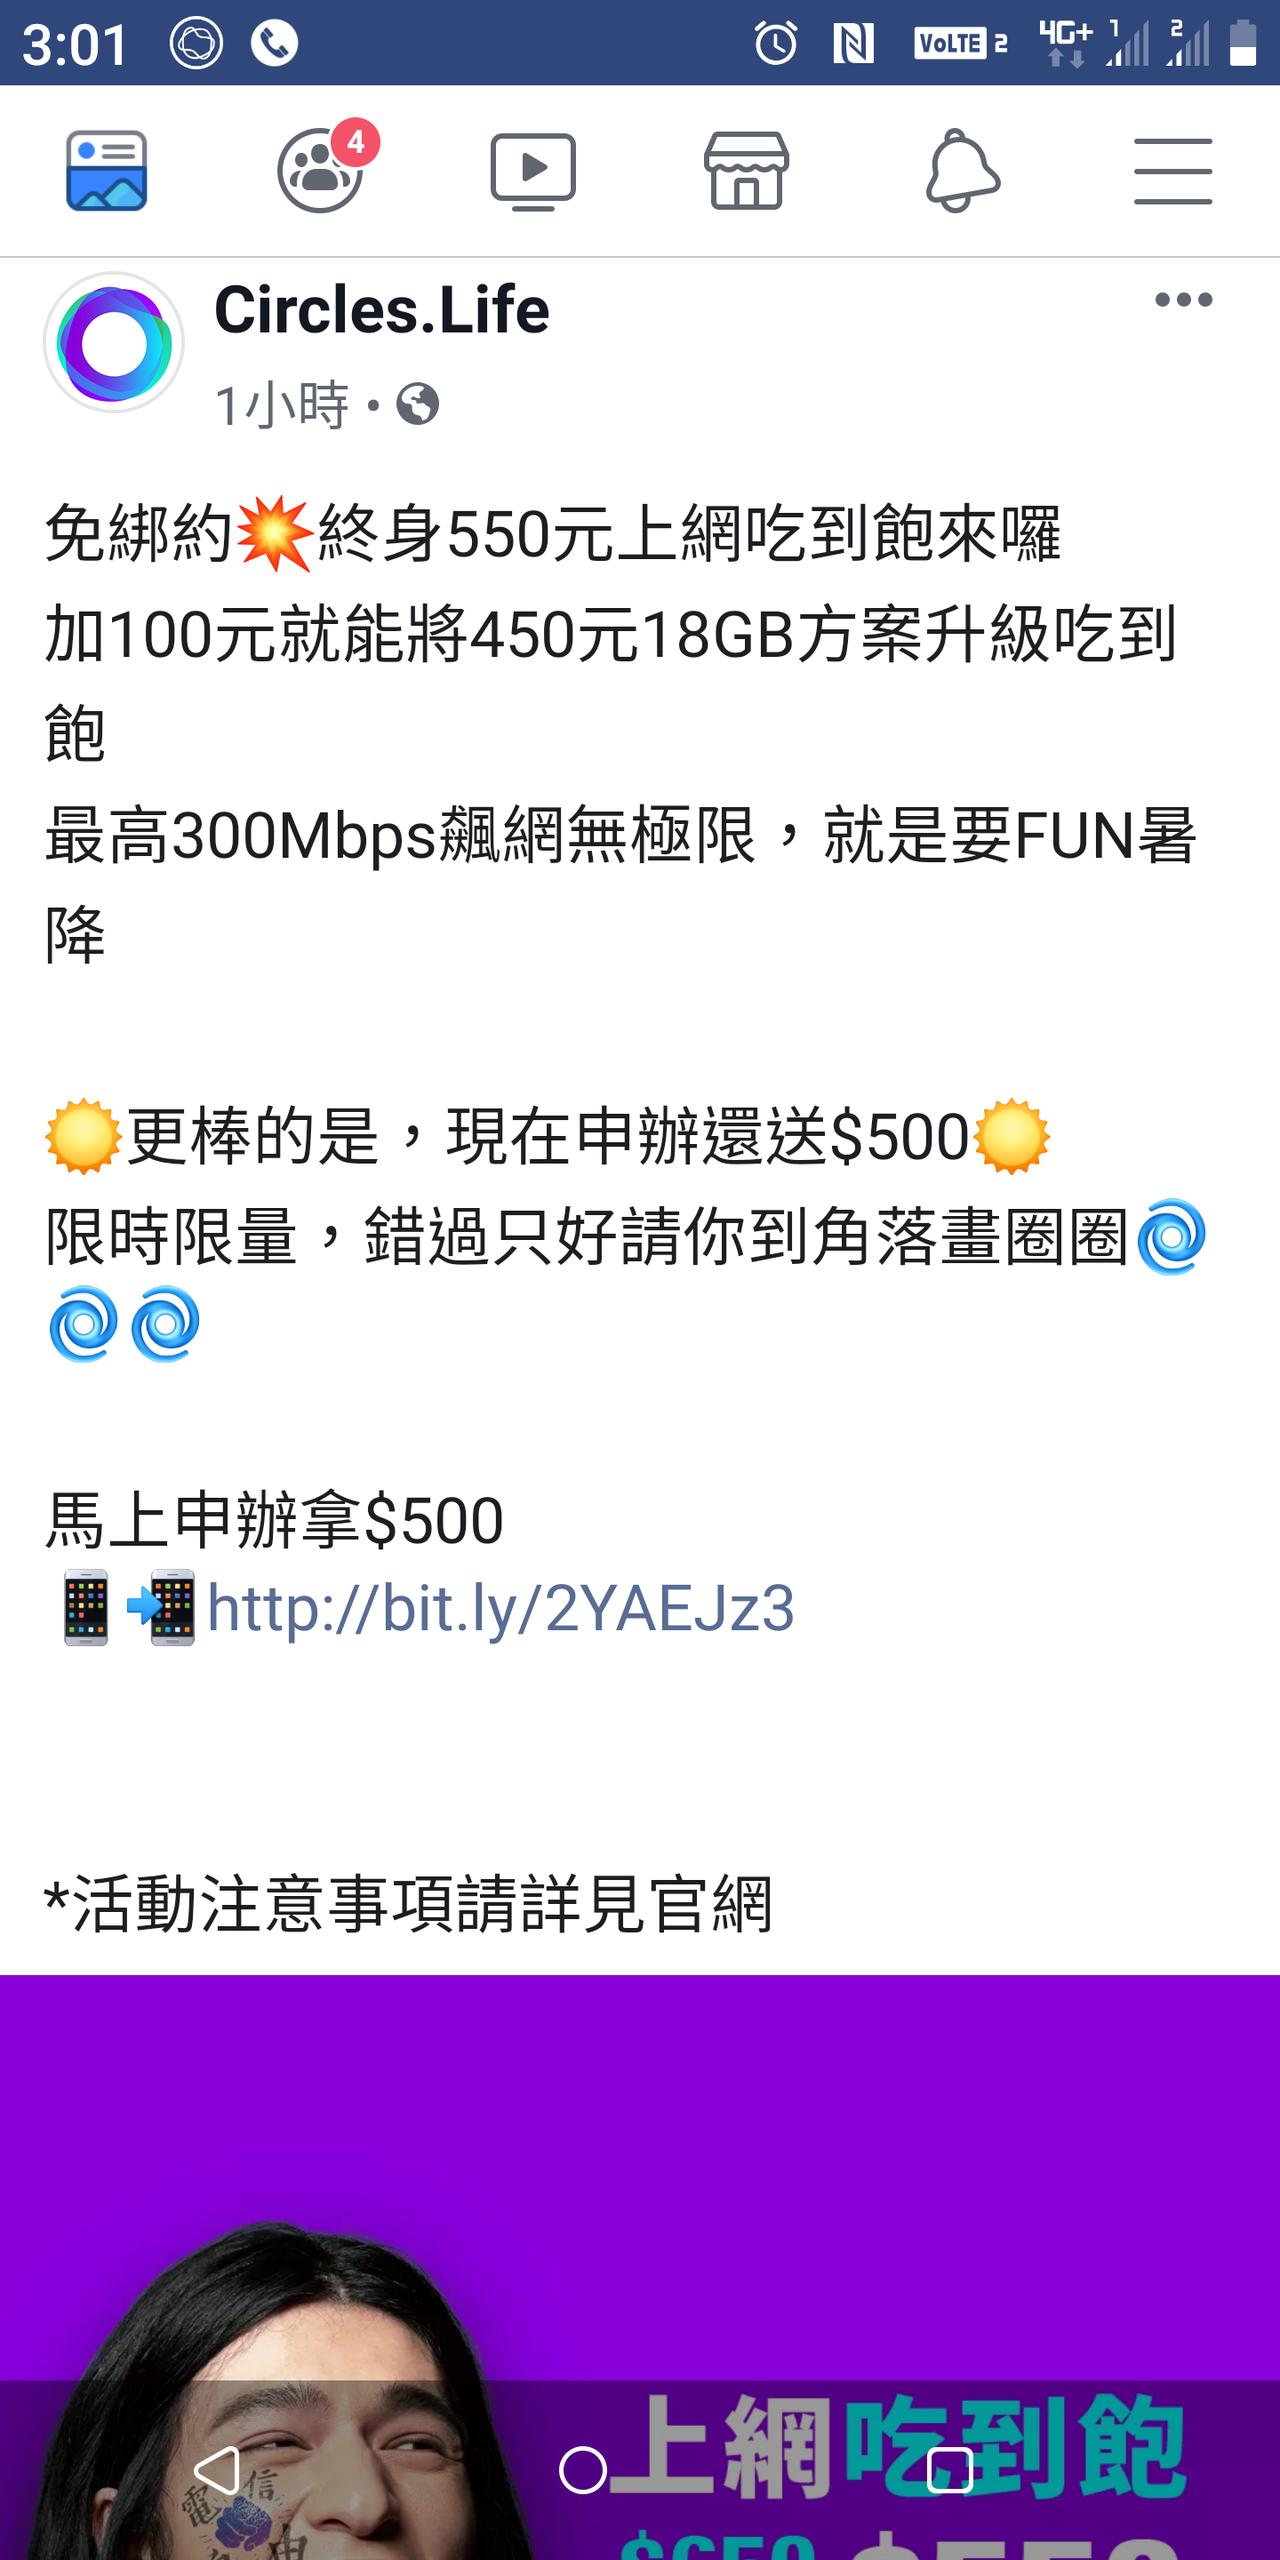 無框行動宣布吃到飽降價至550元。圖/網路截圖